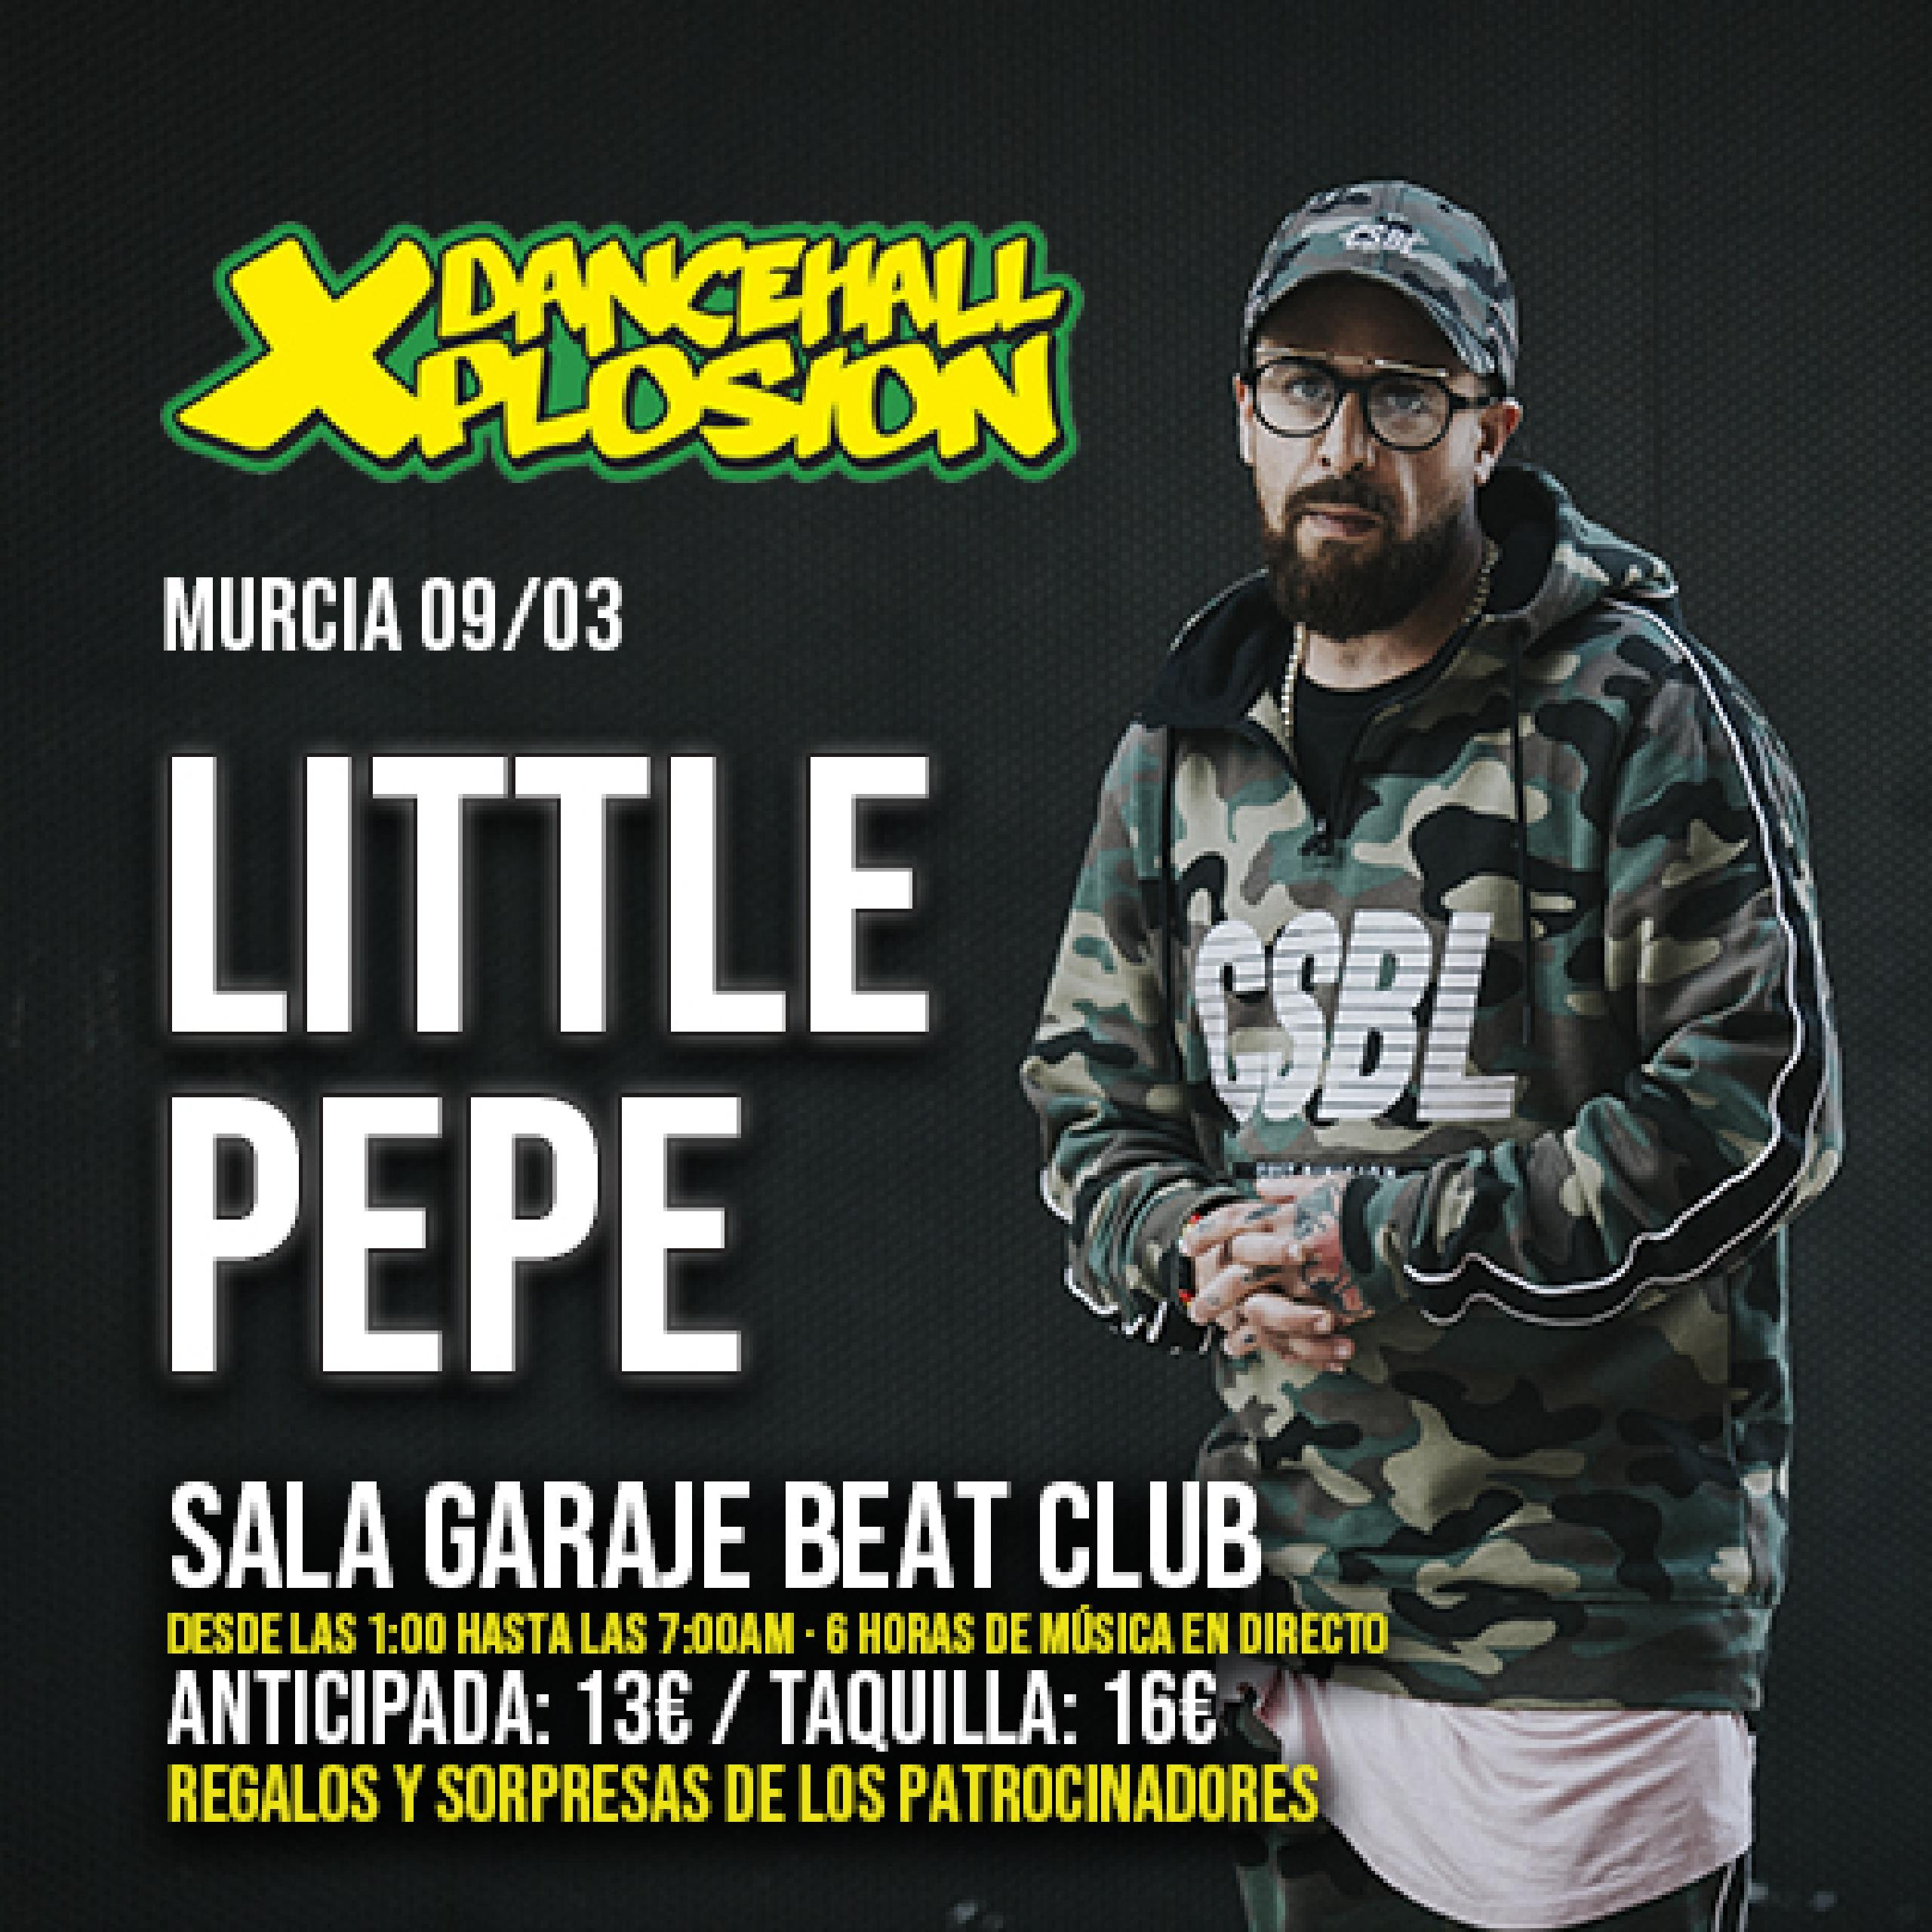 Little Pepe en Dancehall Xplosion Murcia